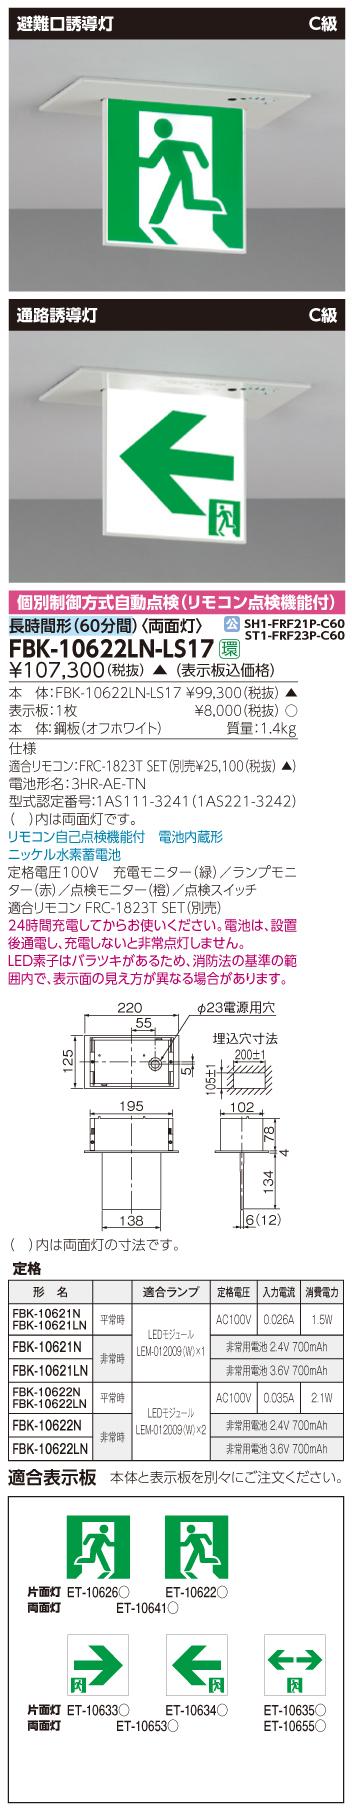 【法人様限定】東芝 FBK-10622LN-LS17 LED誘導灯 天井埋込形 電池内蔵 両面 C級 長時間(60分) 【表示板別売】